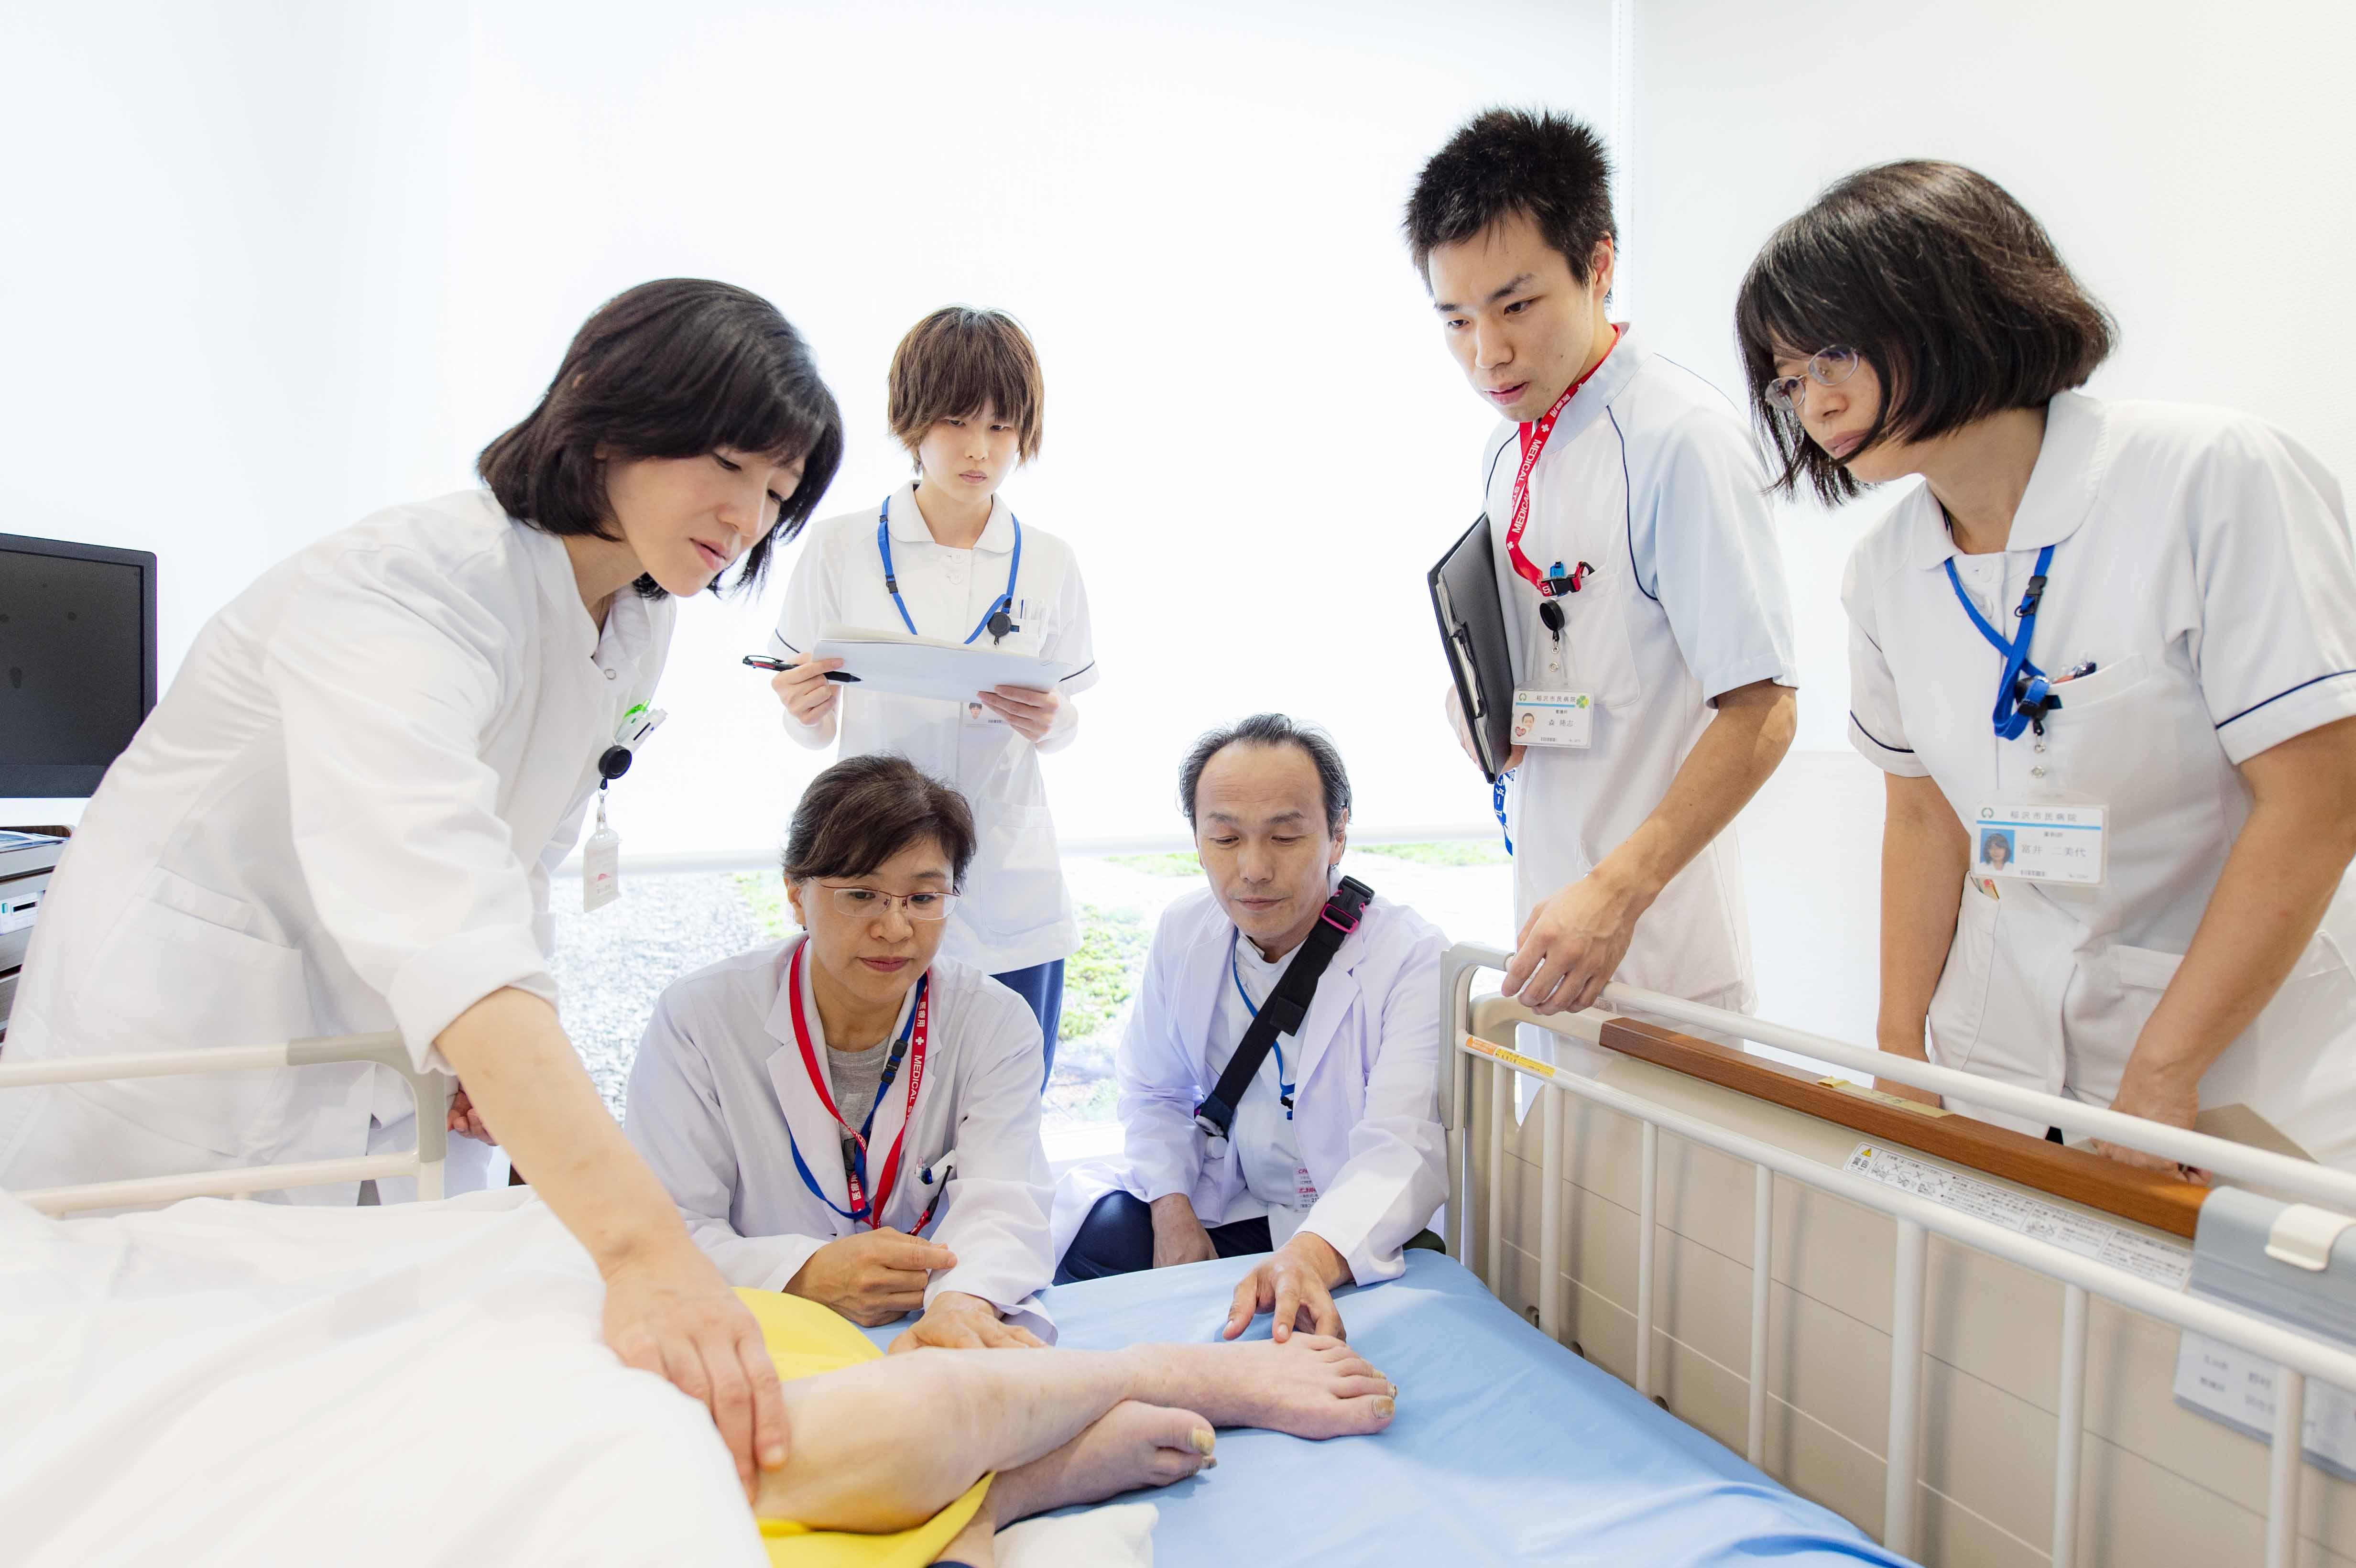 チーム医療の写真